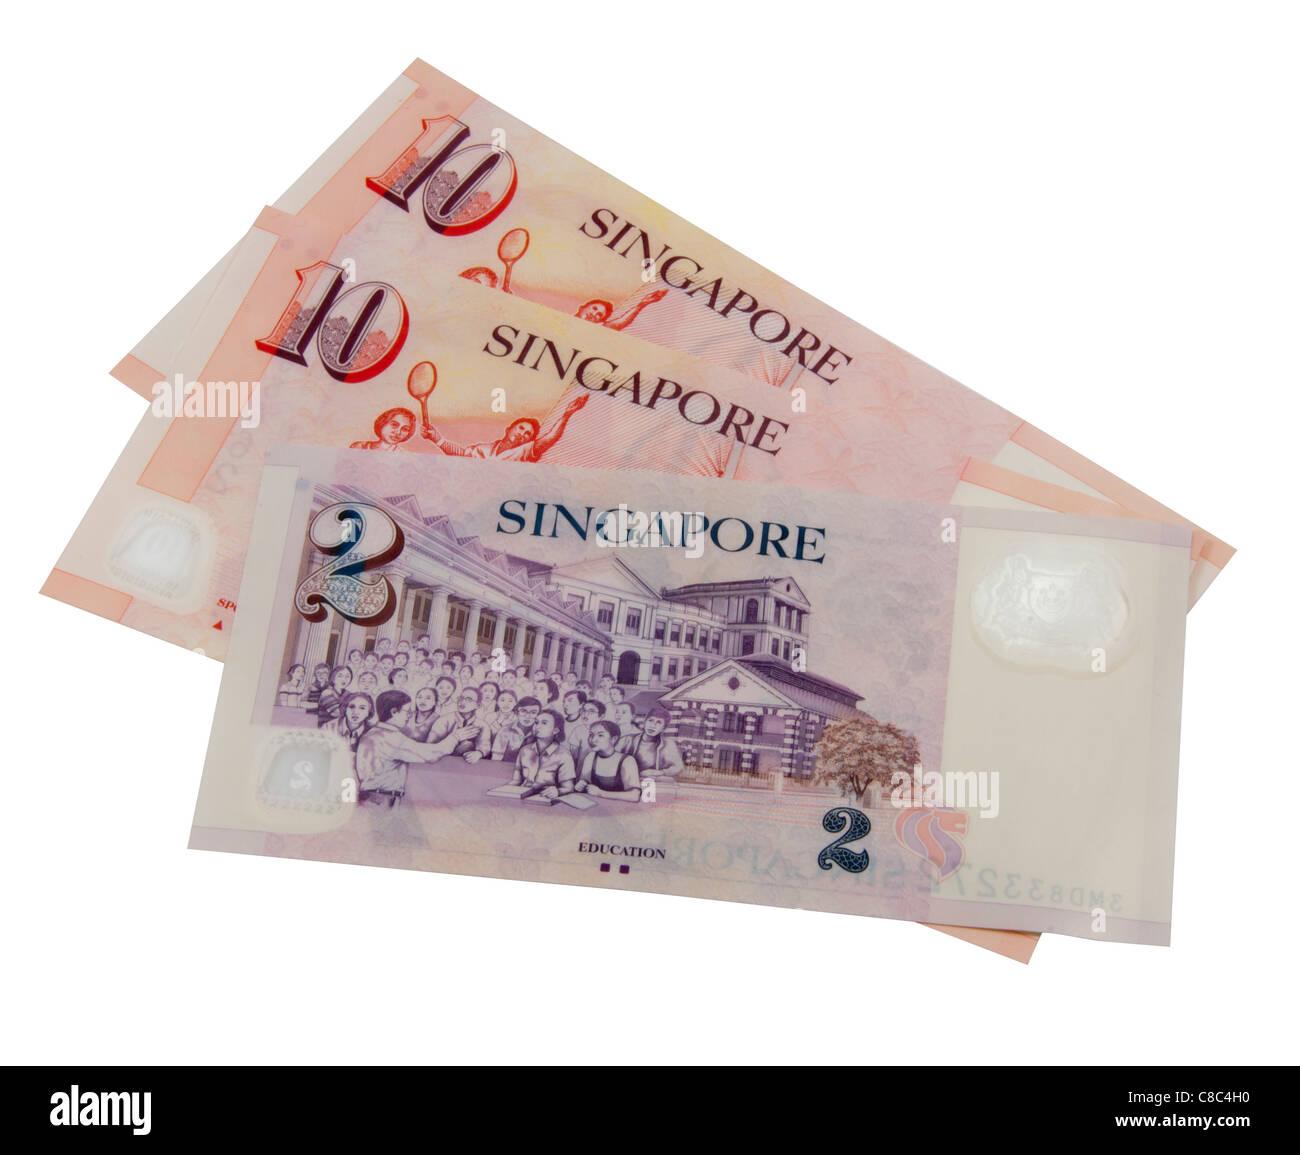 Singapore dollar stock photos singapore dollar stock images alamy singapore dollar notes stock image biocorpaavc